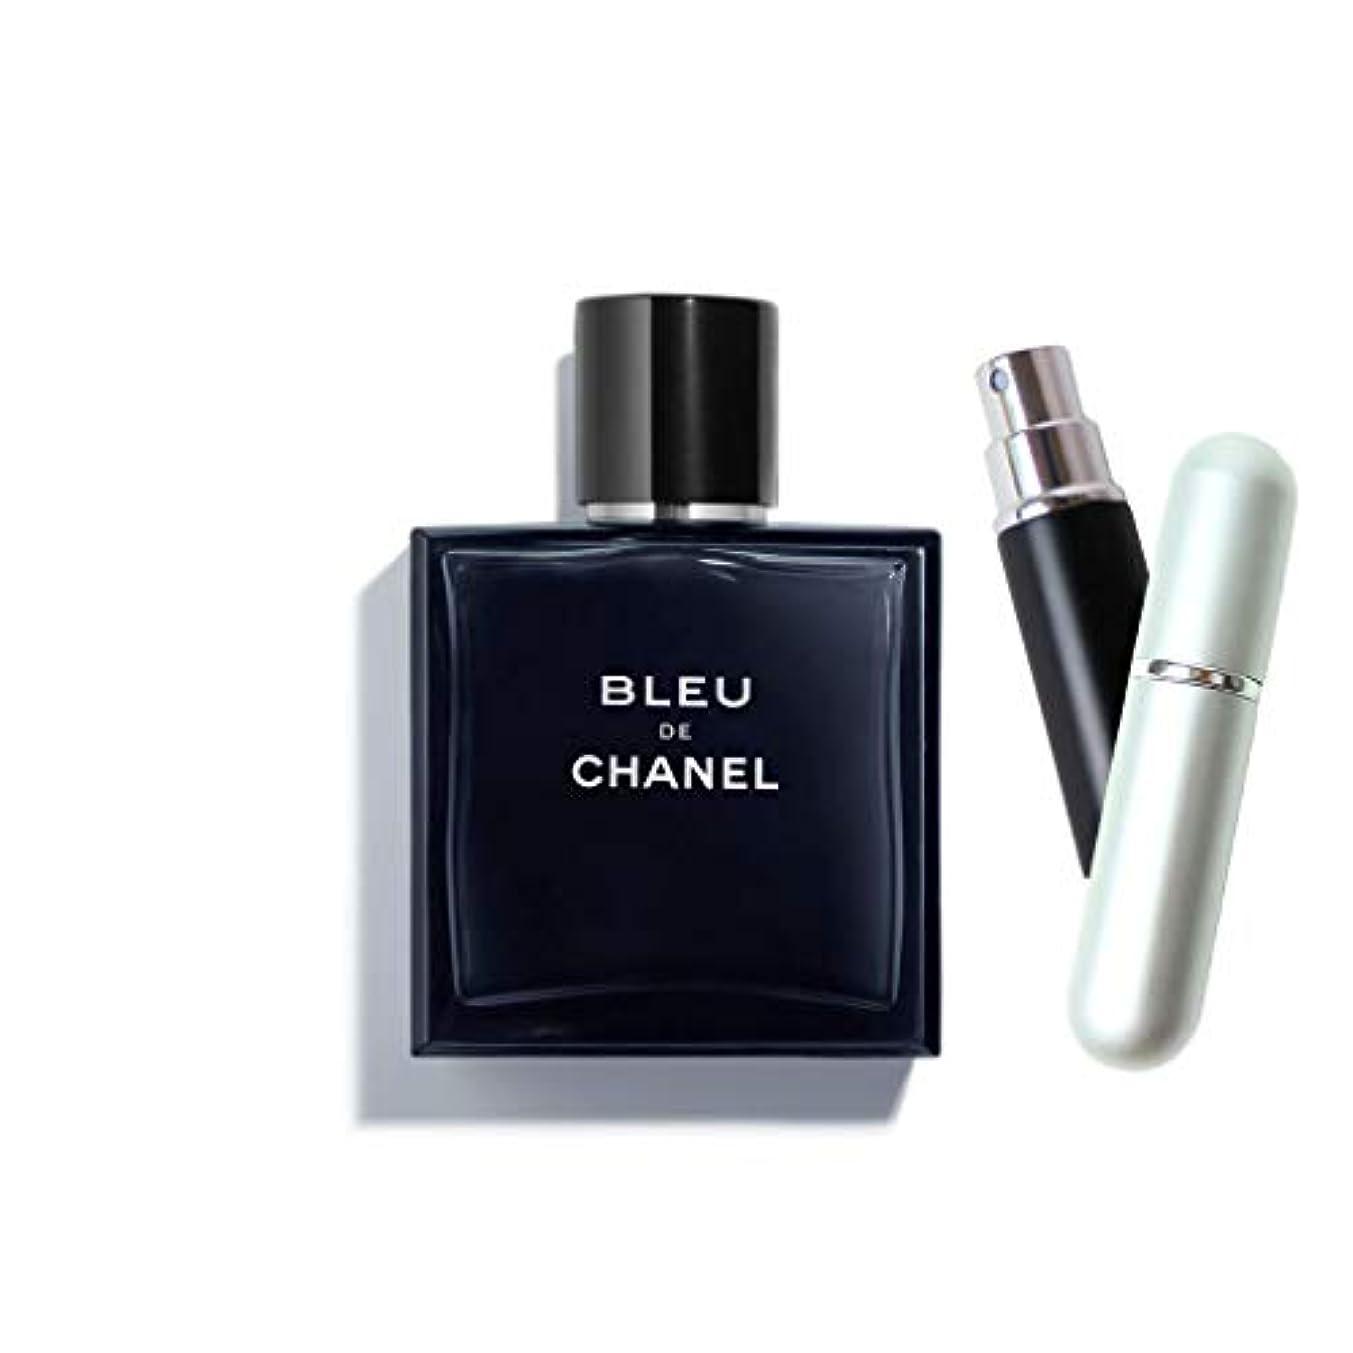 [正規品 セット品] アトマイザー付き シャネル 香水 ブルー ドゥ シャネル EDT 50ml